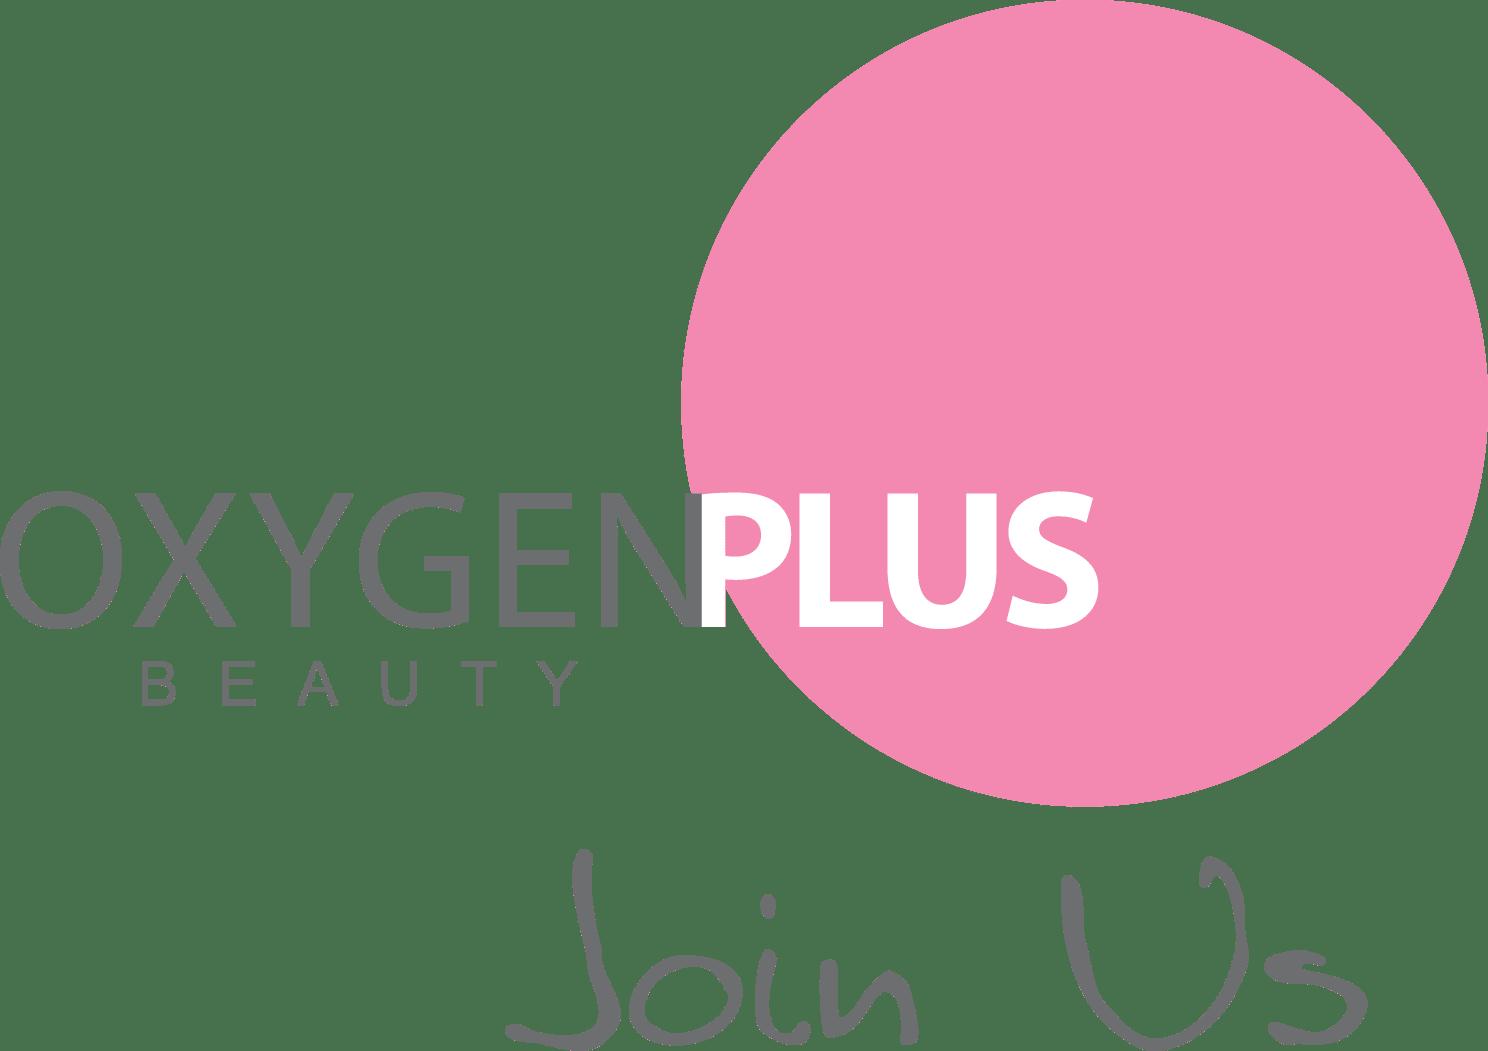 Oxygen plus - Wellness club